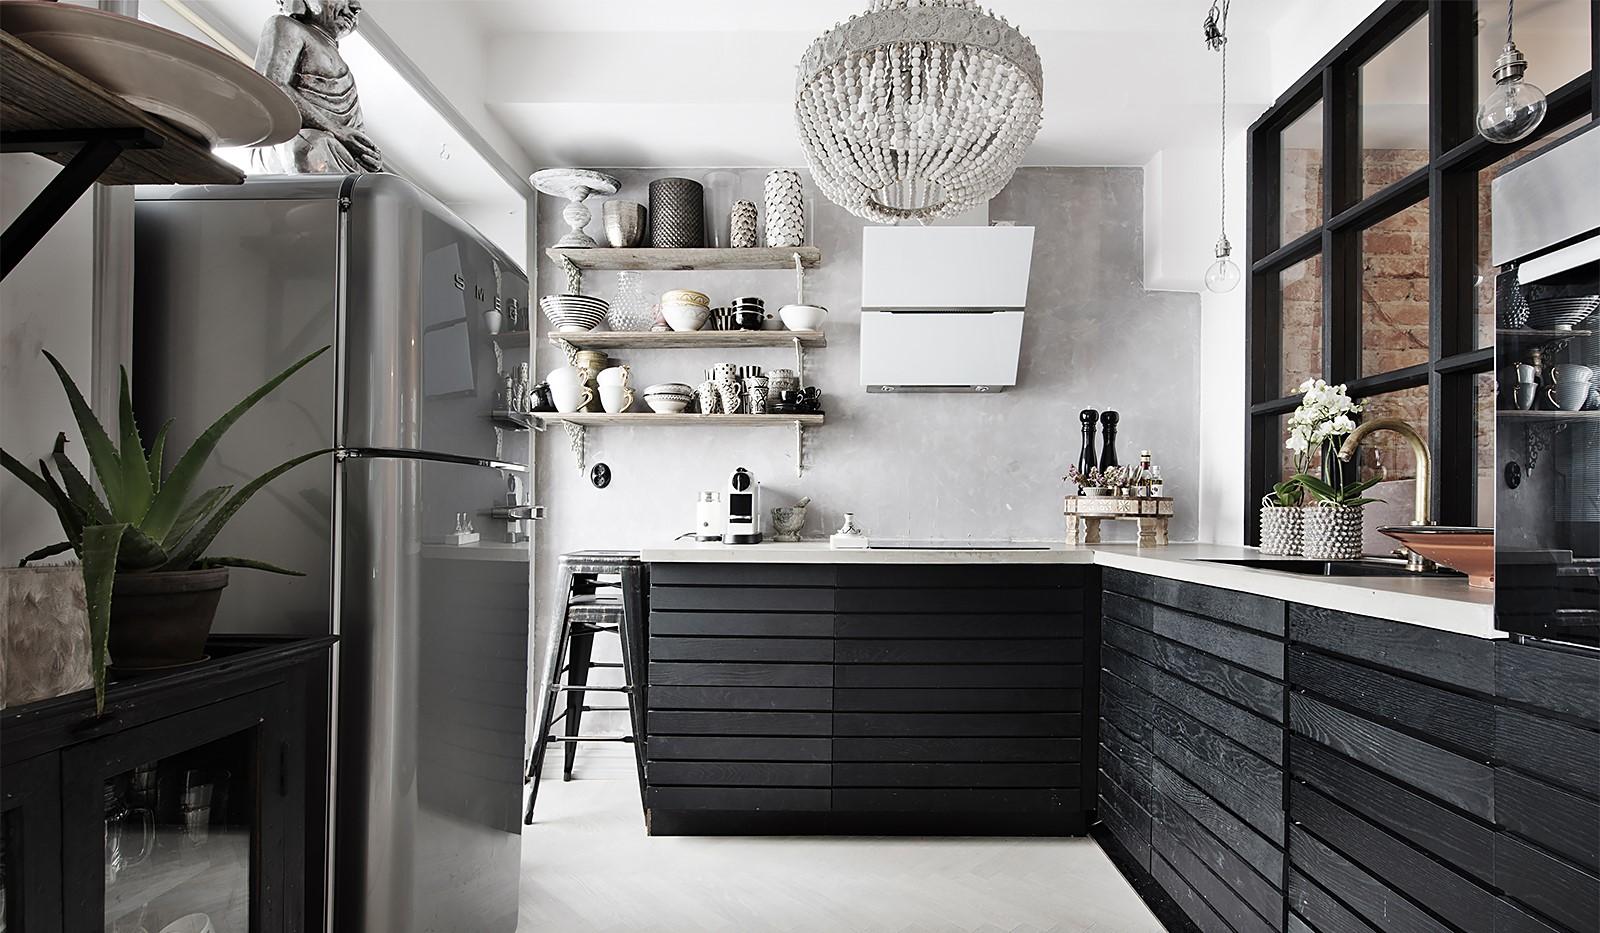 Bergsunds Strand 31, 5 tr, Accepterat pris - Modernt nyrenoverat kök med industrifönster